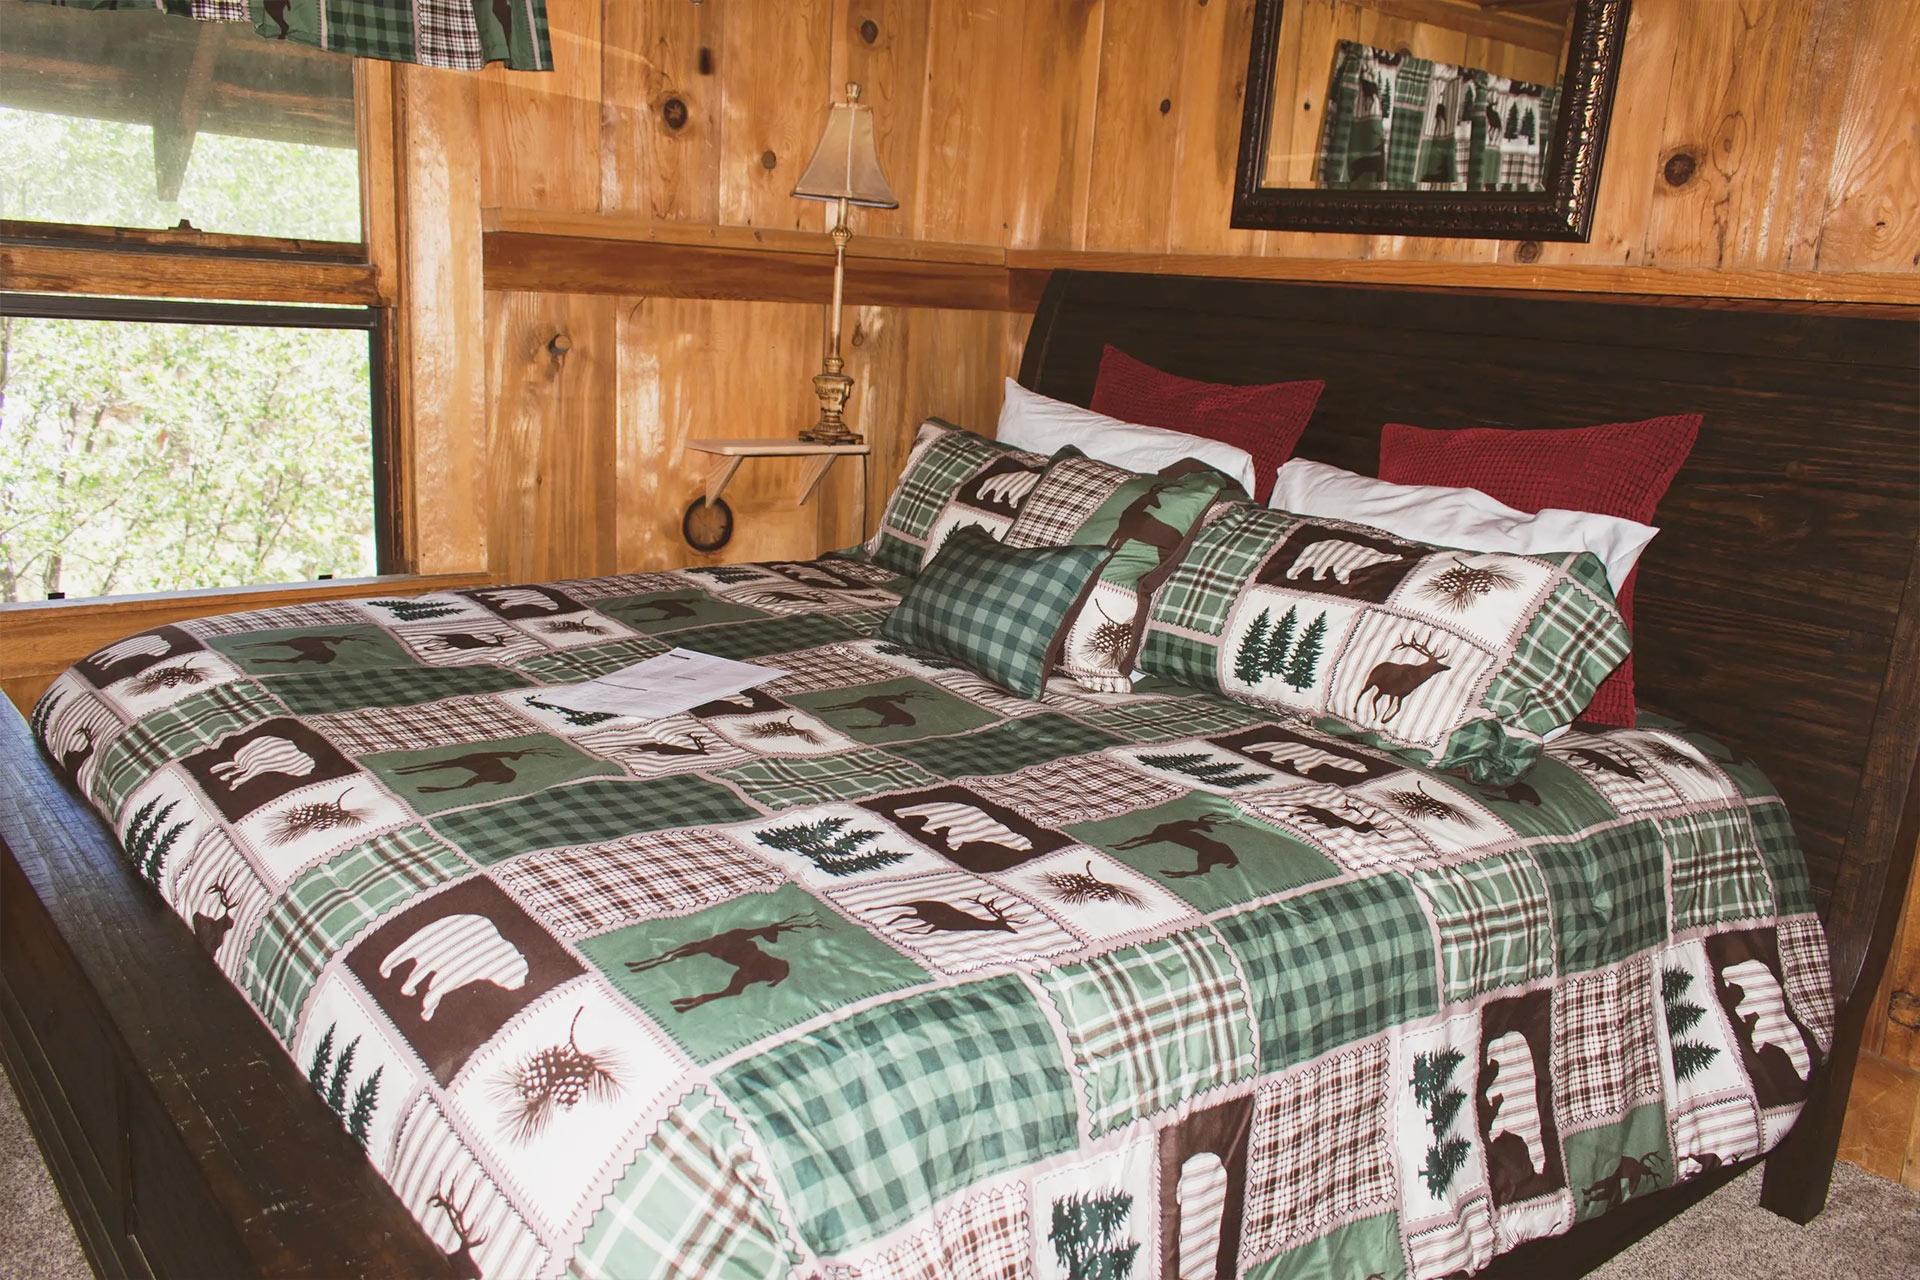 Master bedroom bed in the knickerbocker mansion